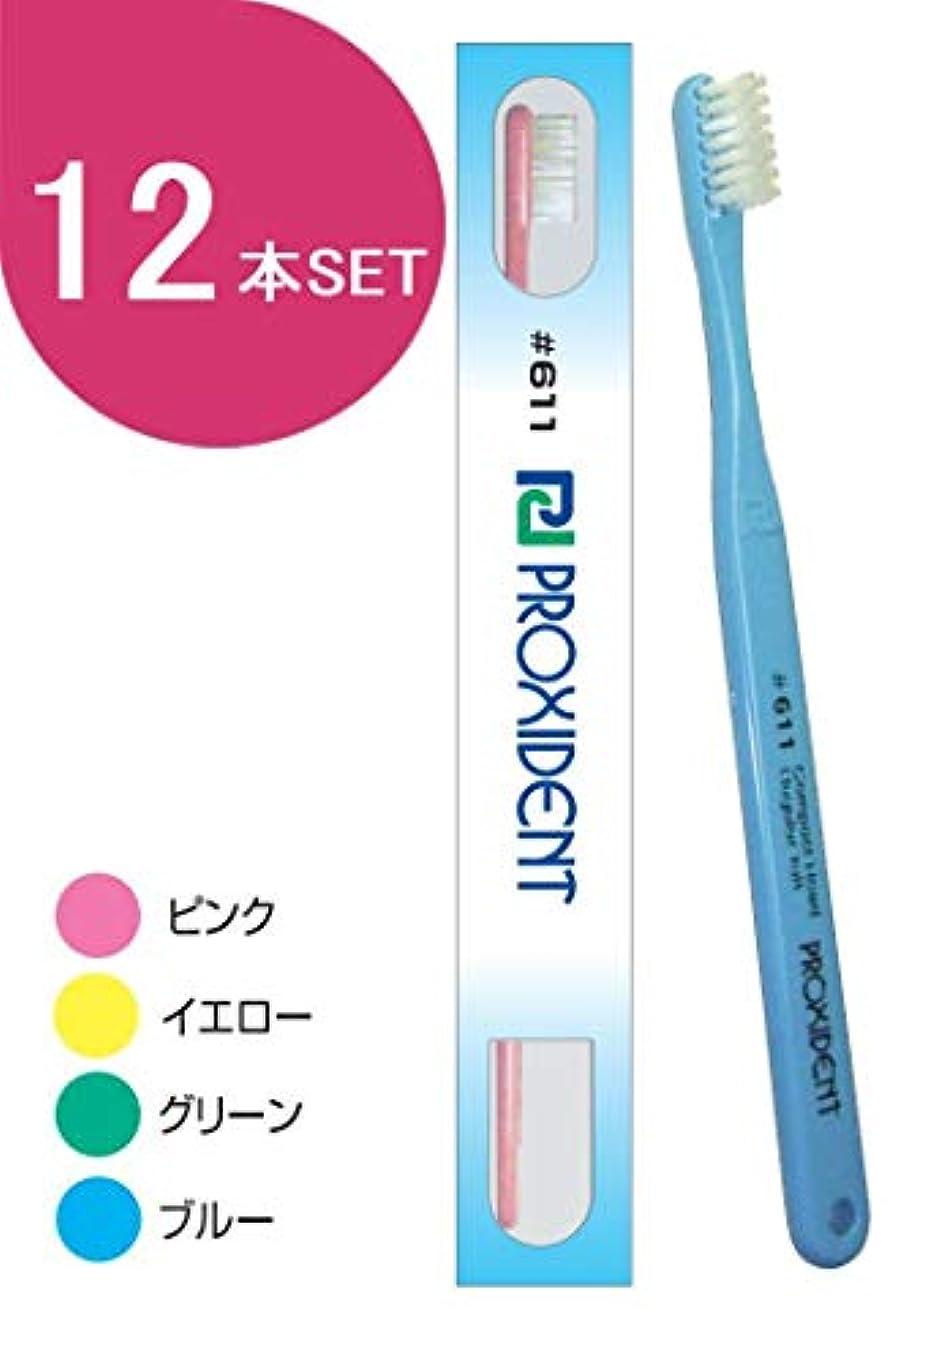 マイク看板権限を与えるプローデント プロキシデント コンパクト レギュラータフト 歯ブラシ #611 (12本)